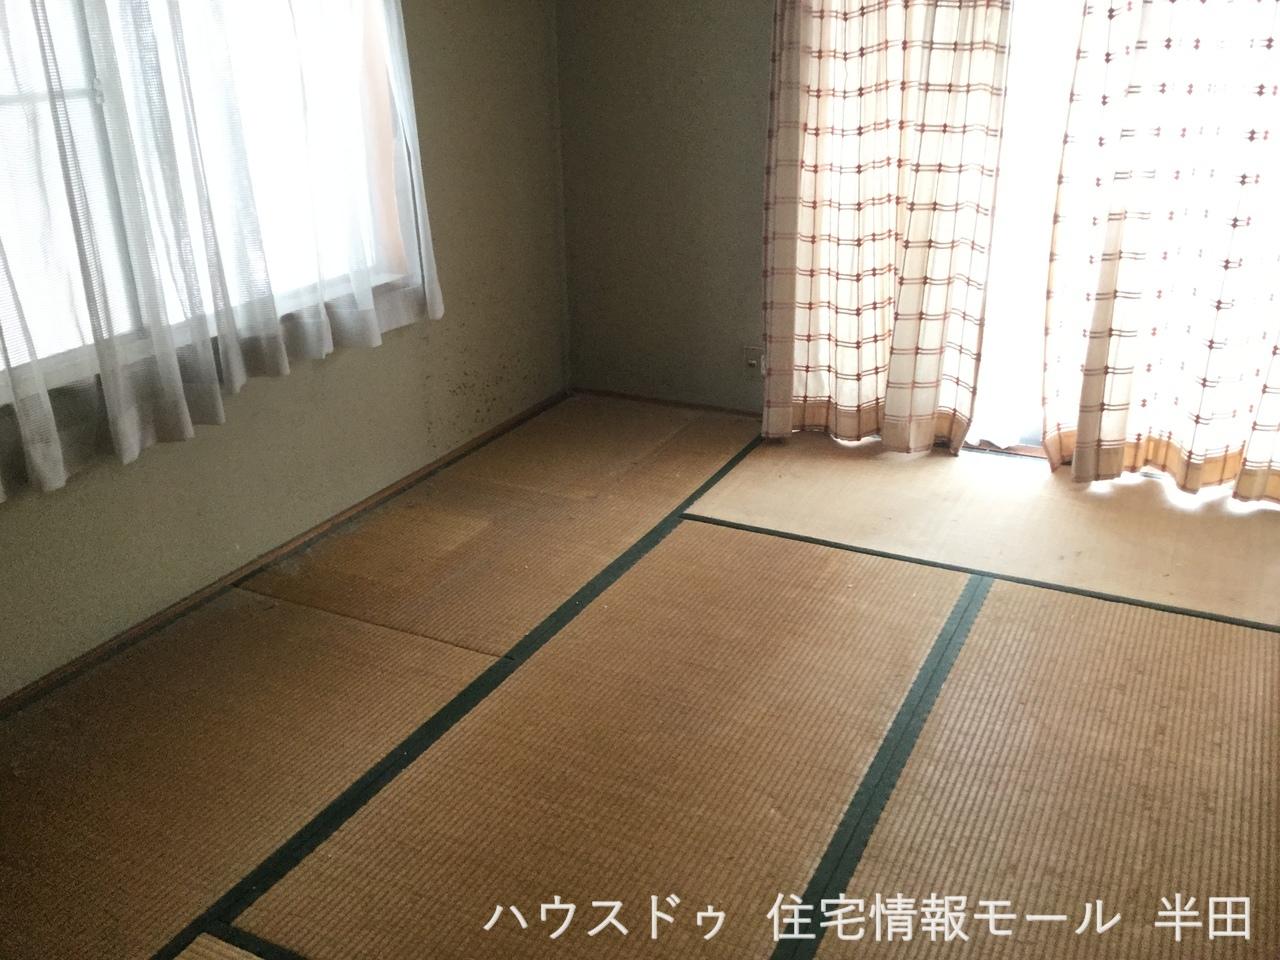 2階 6帖洋室 すぐ横になれる和室は、みんながほっと一息つける空間